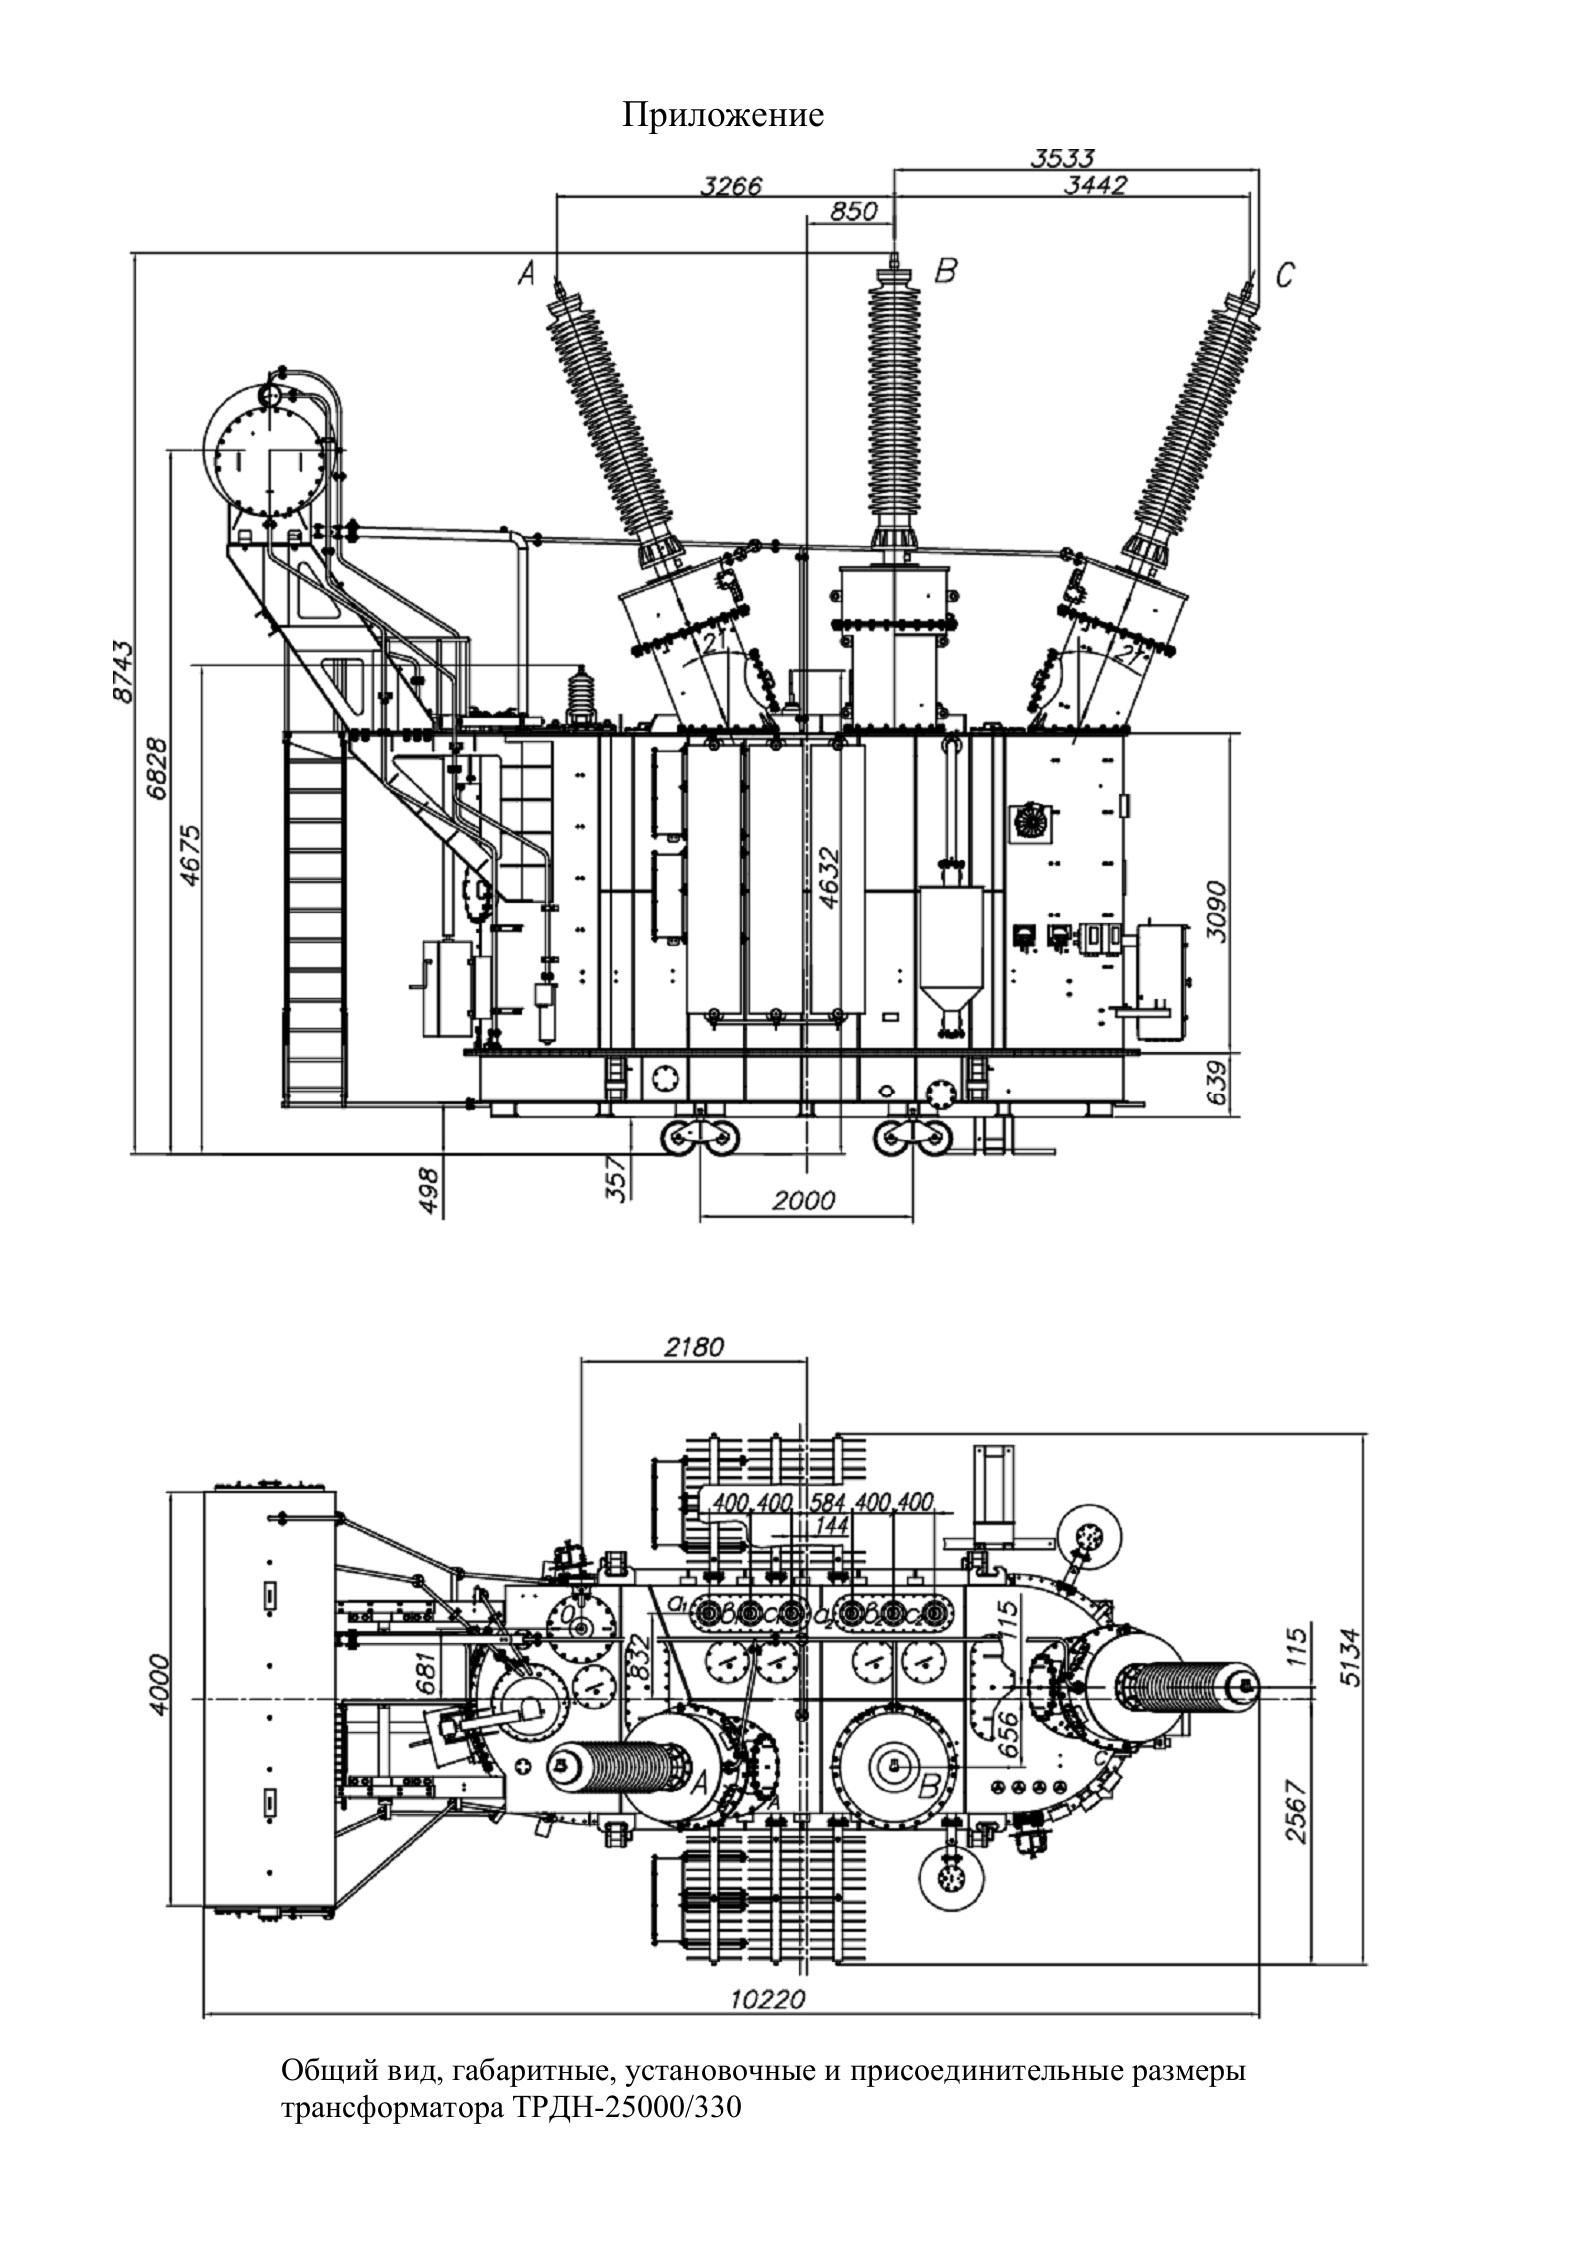 Трансформатор трехфазный двухобмоточный масляный класса напряжения 150 - 330 кВ